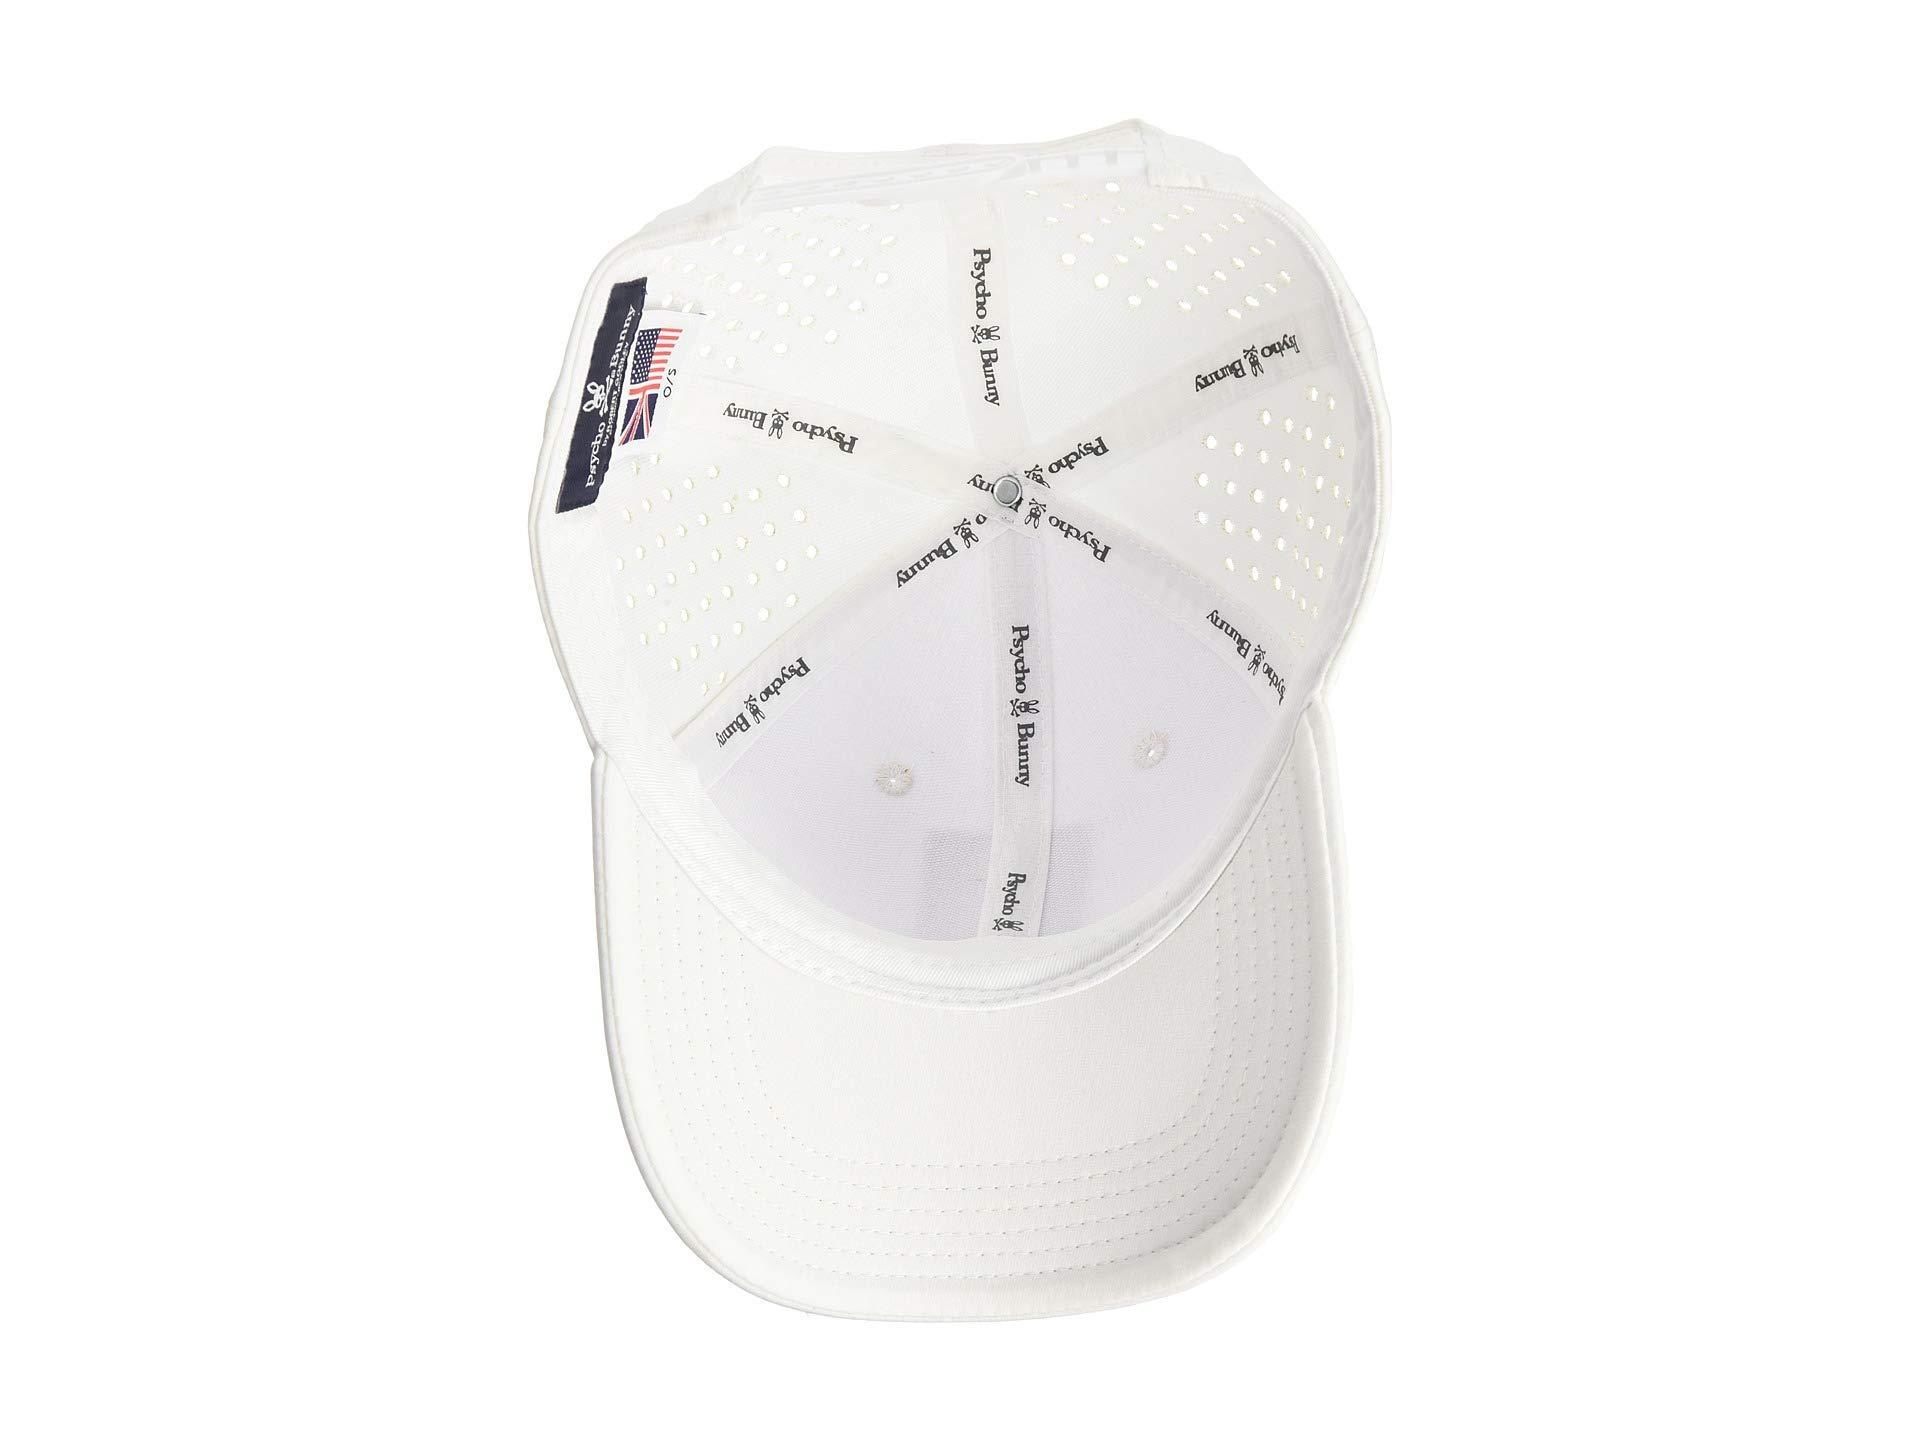 5e765393b04 Psycho Bunny - White Sport Performance Baseball Cap (mako) Baseball Caps  for Men -. View fullscreen